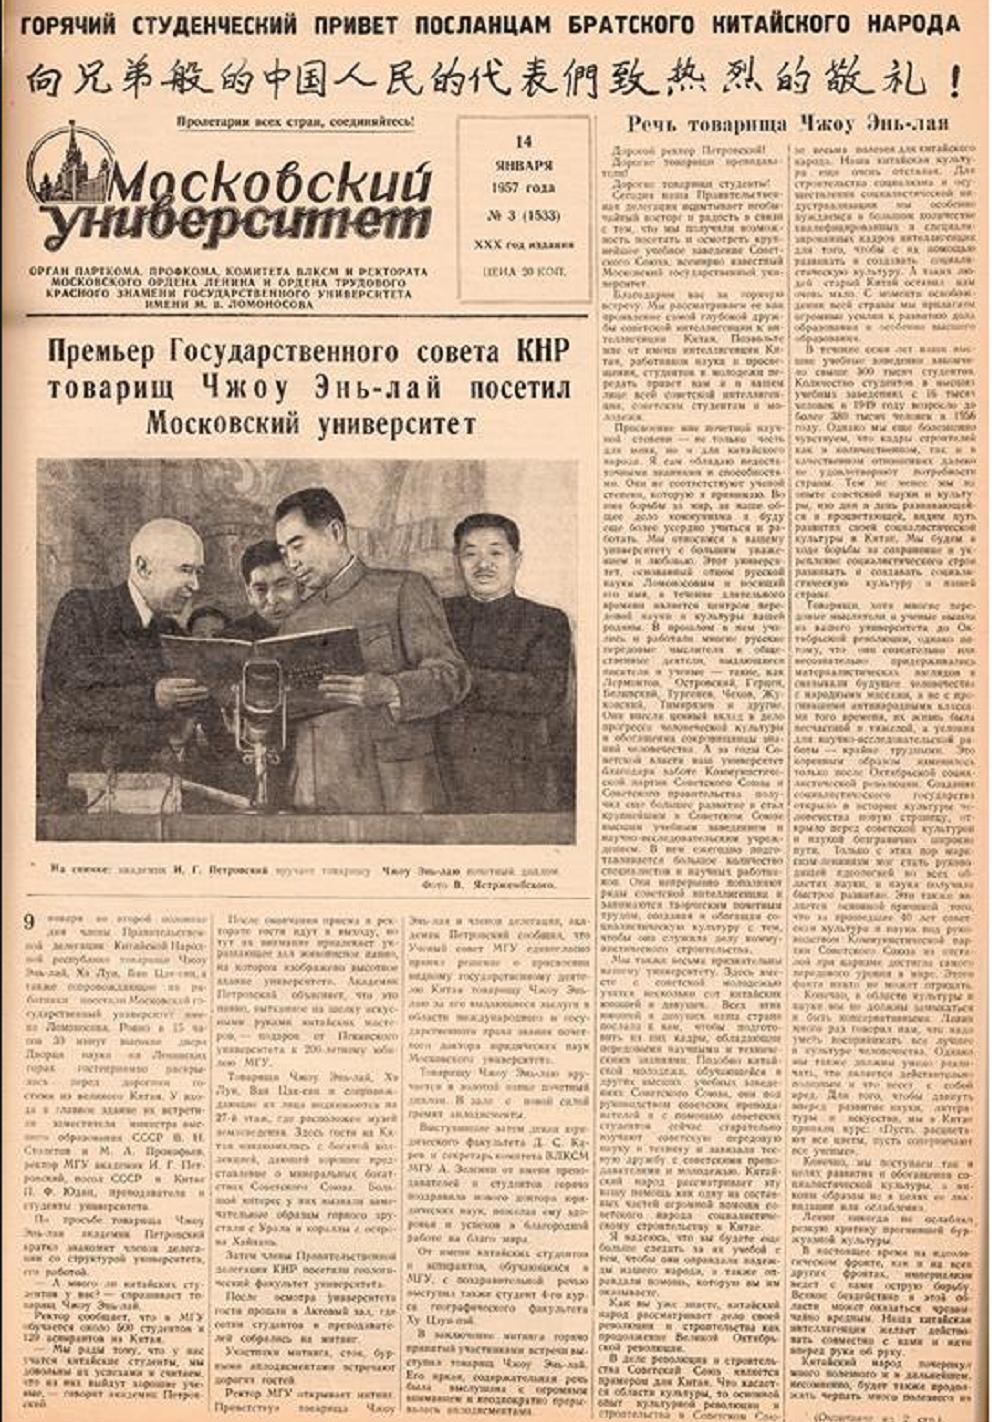 1957年1月14日,《莫斯科大学日报》